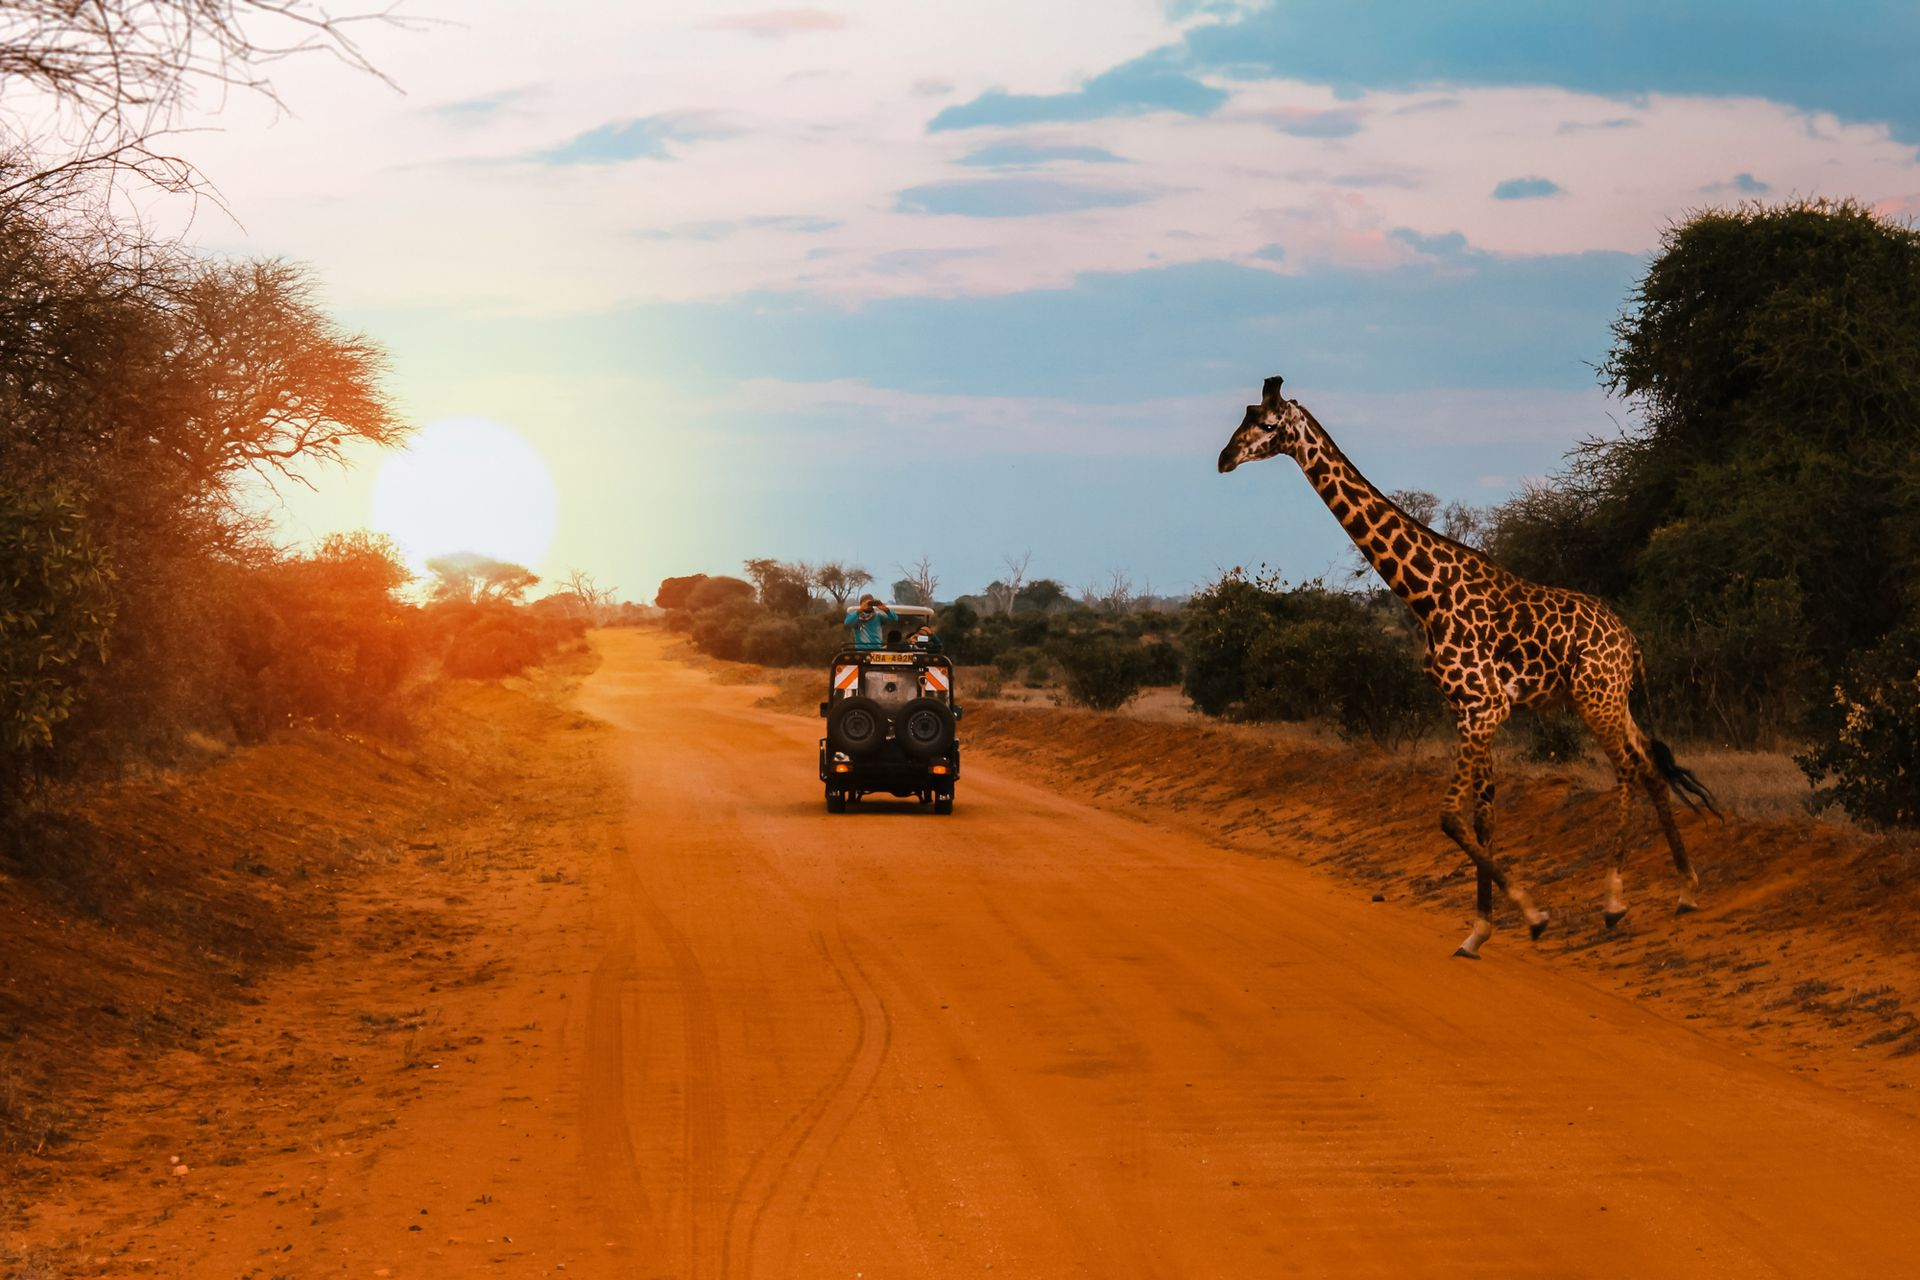 Un jeep para mientras una jirafa cruza la carretera durante un Safari en Kenia